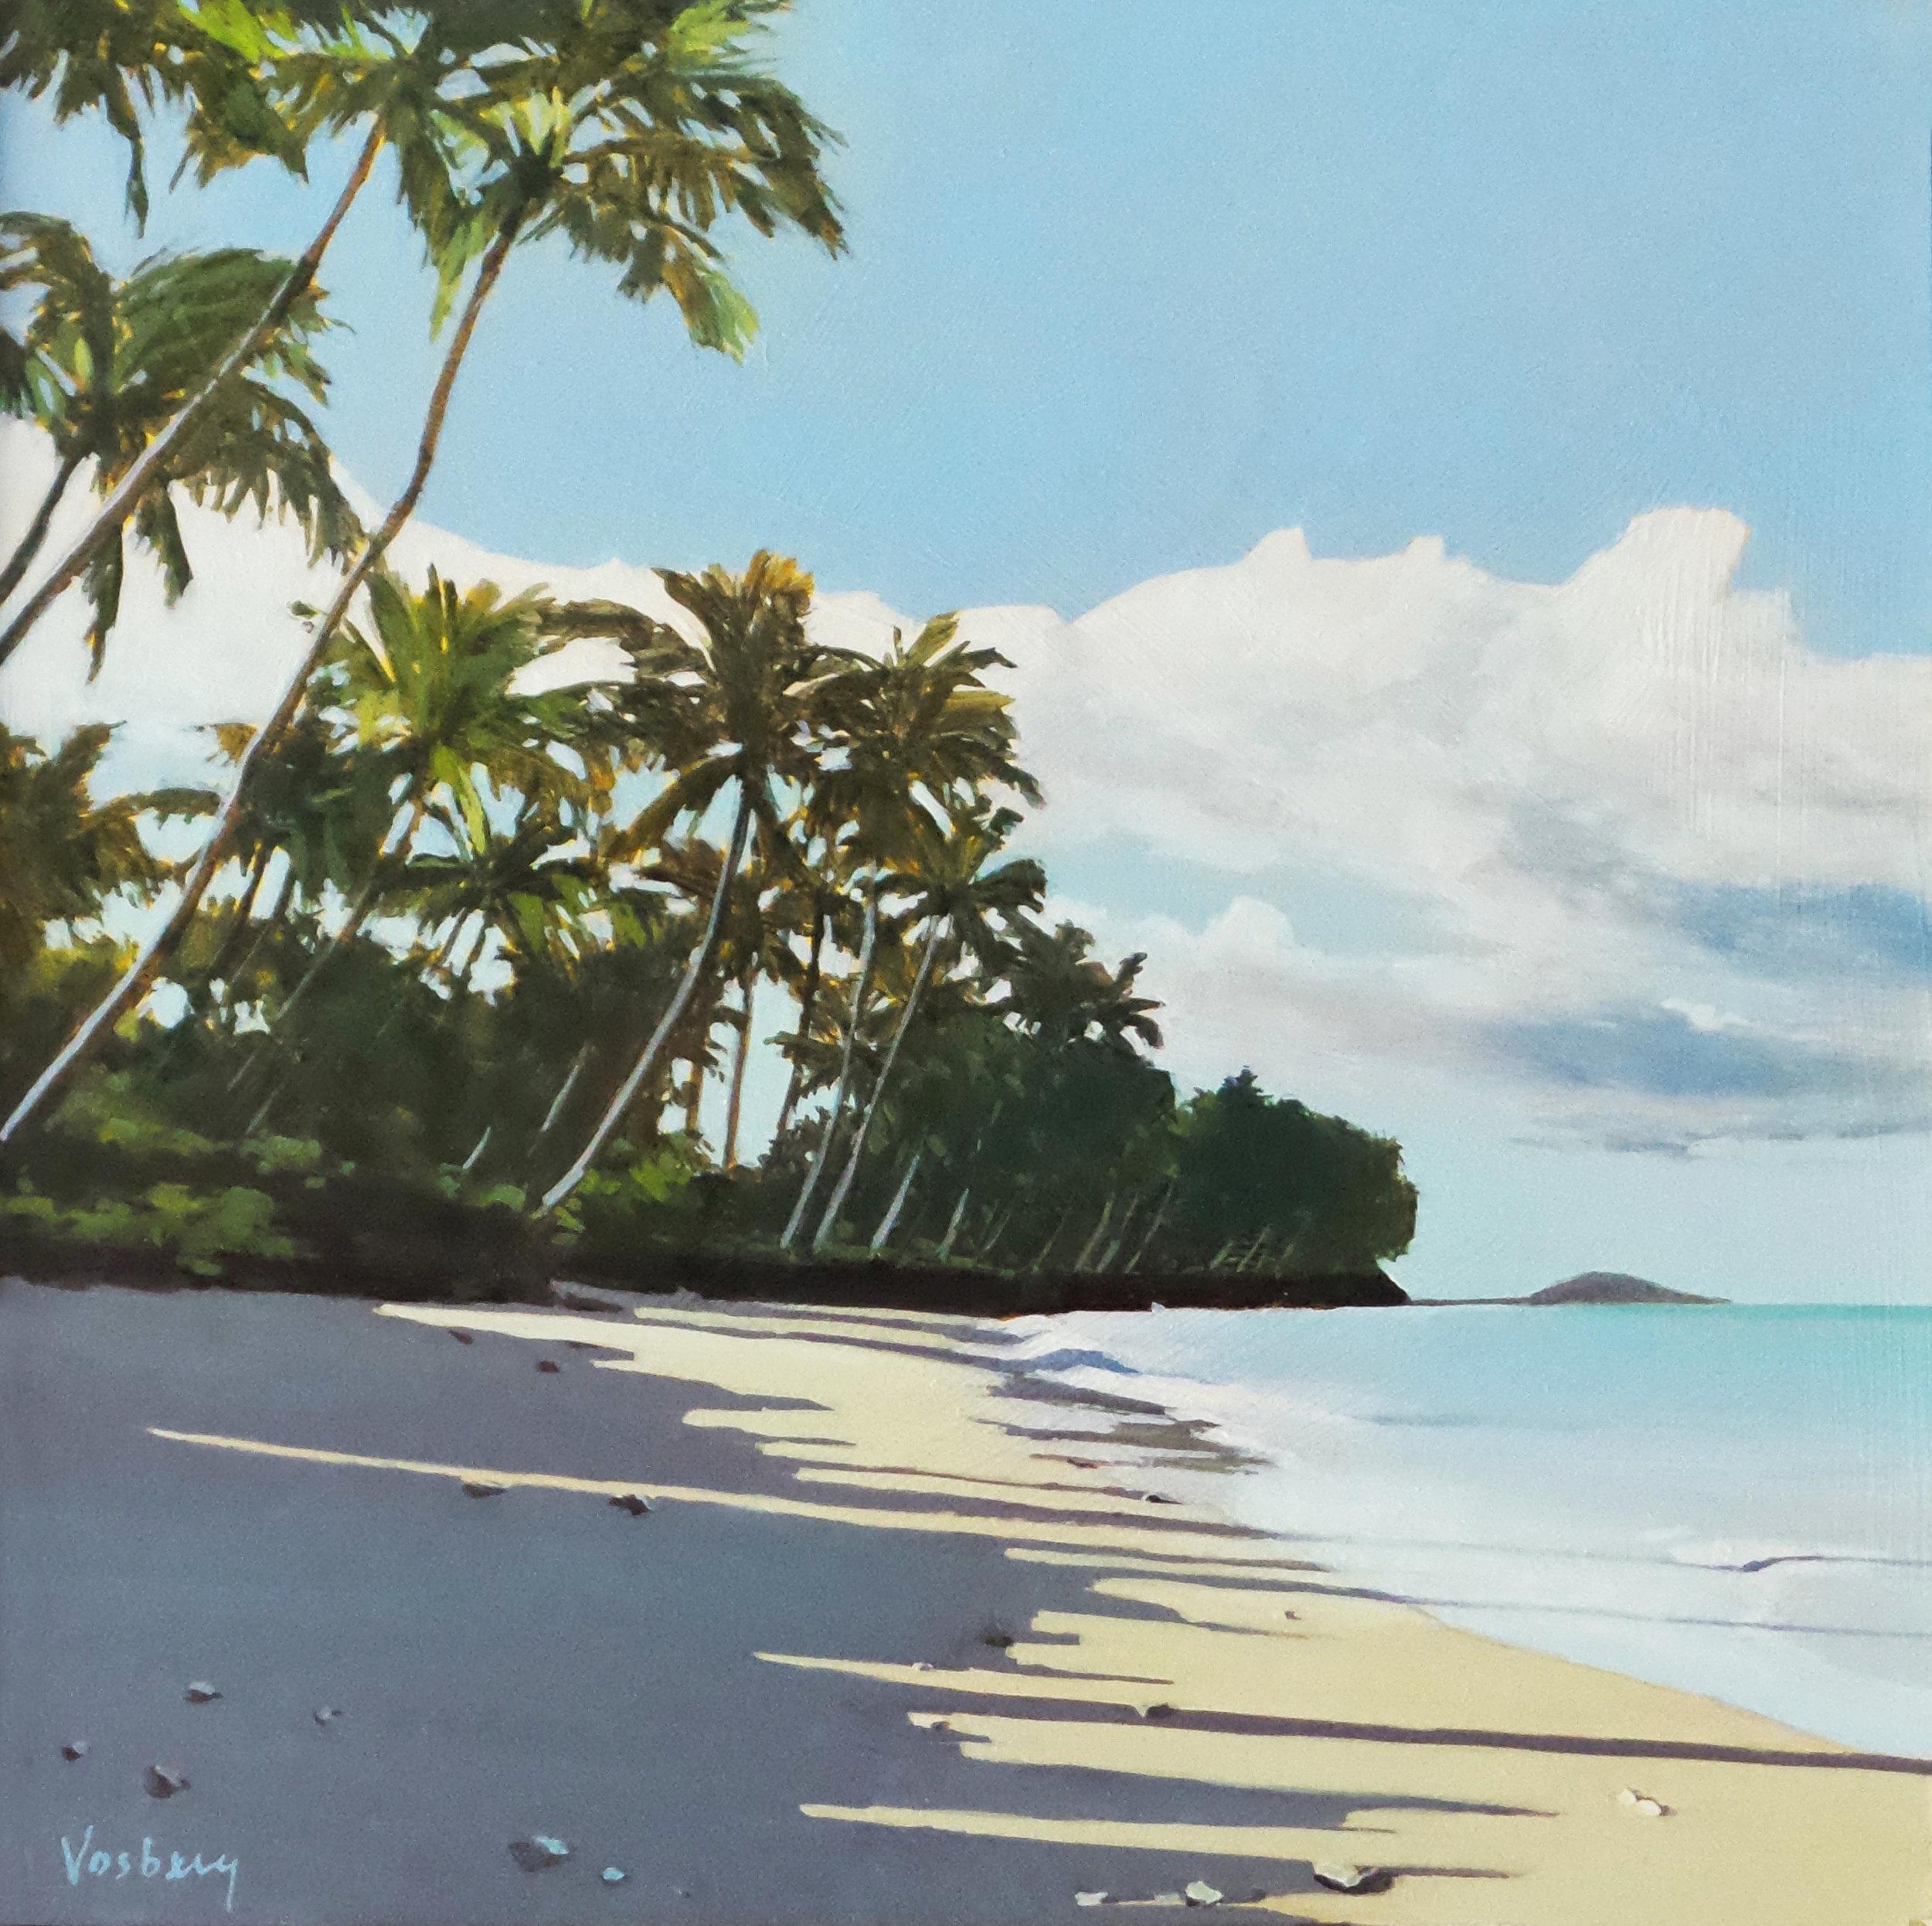 Kihei Beach Morning, Maui